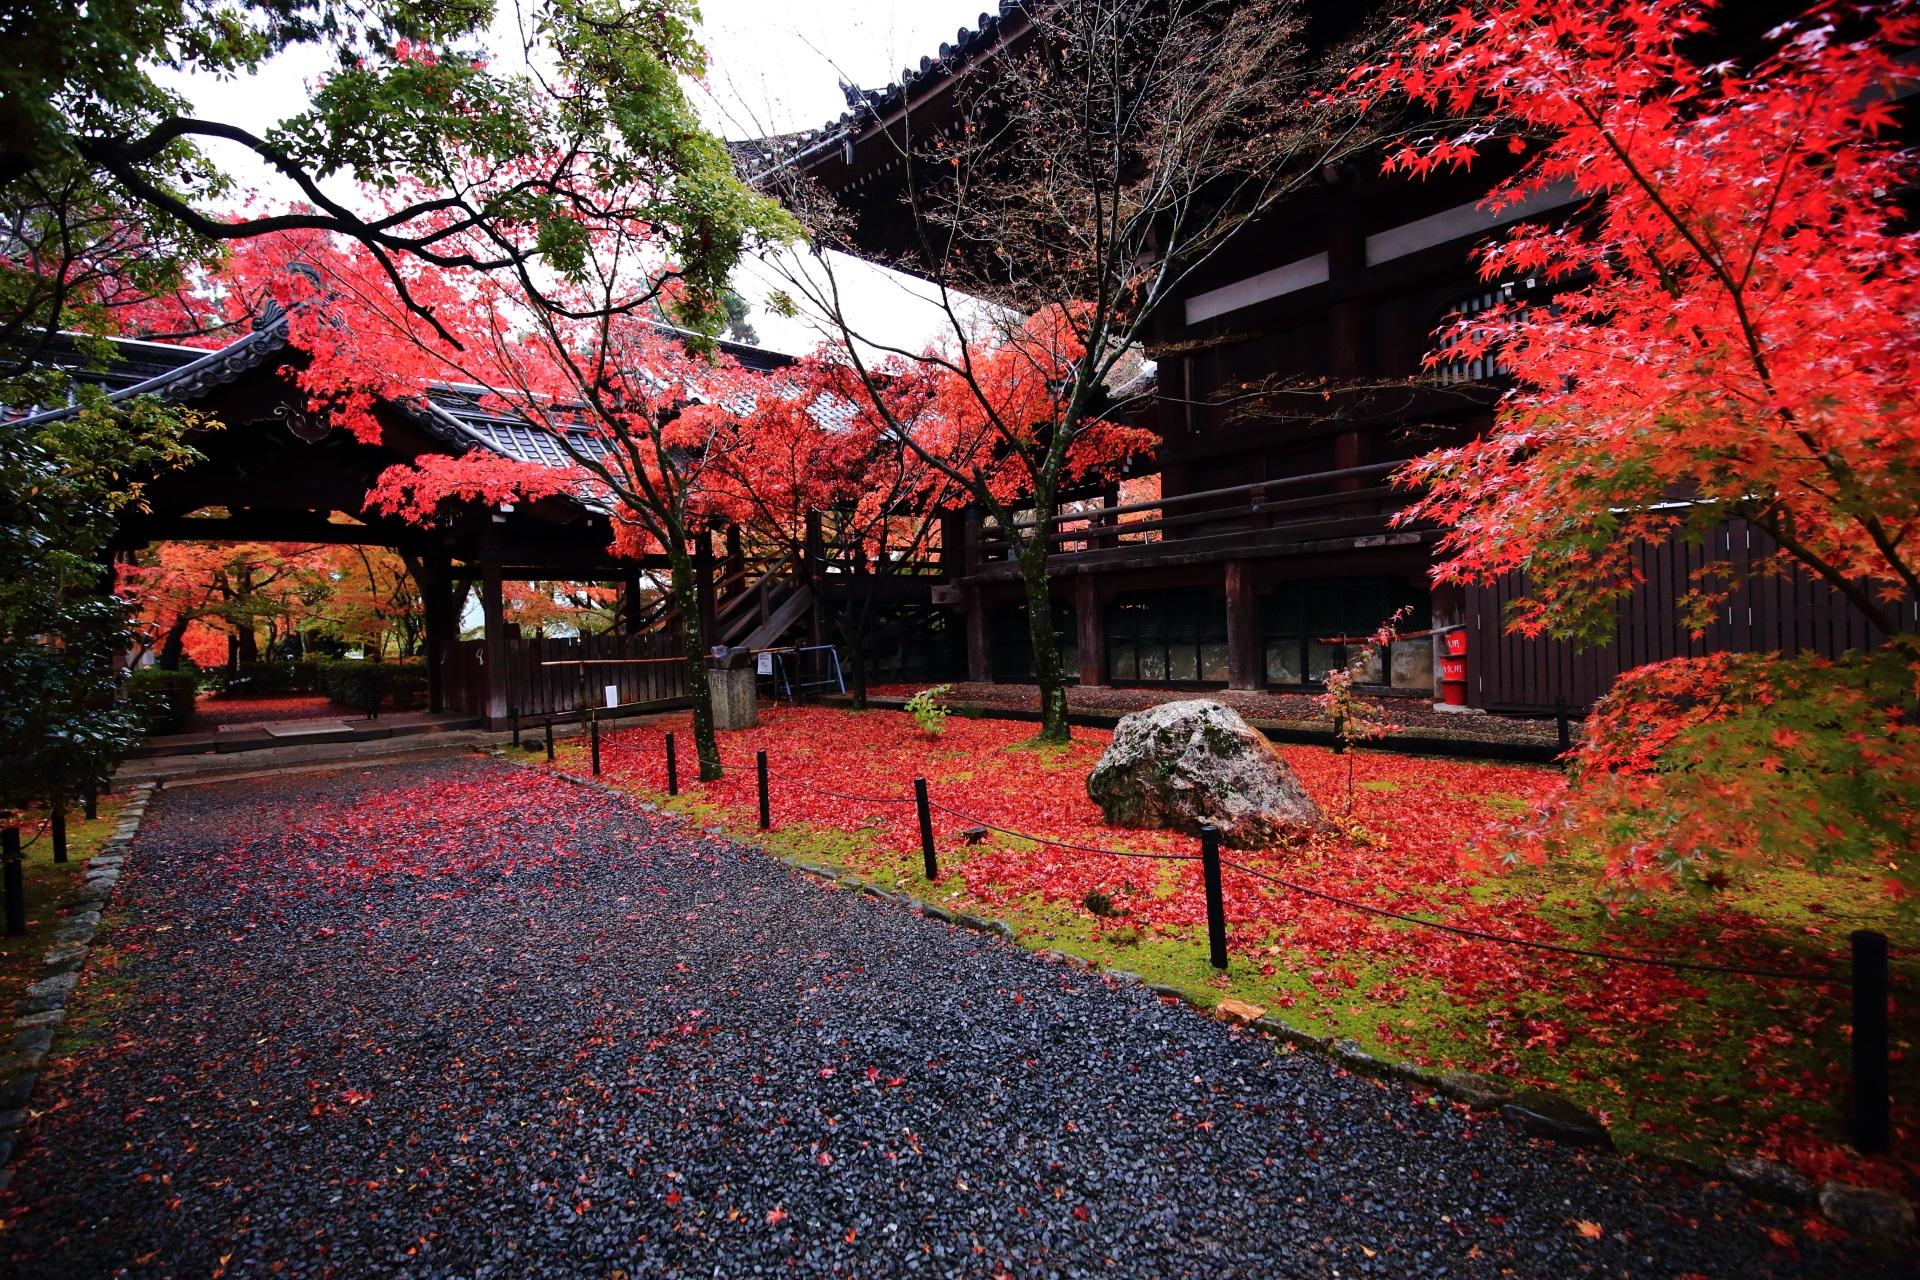 真如堂の渡廊下付近の緑の苔を鮮やかに彩る散りもみじ